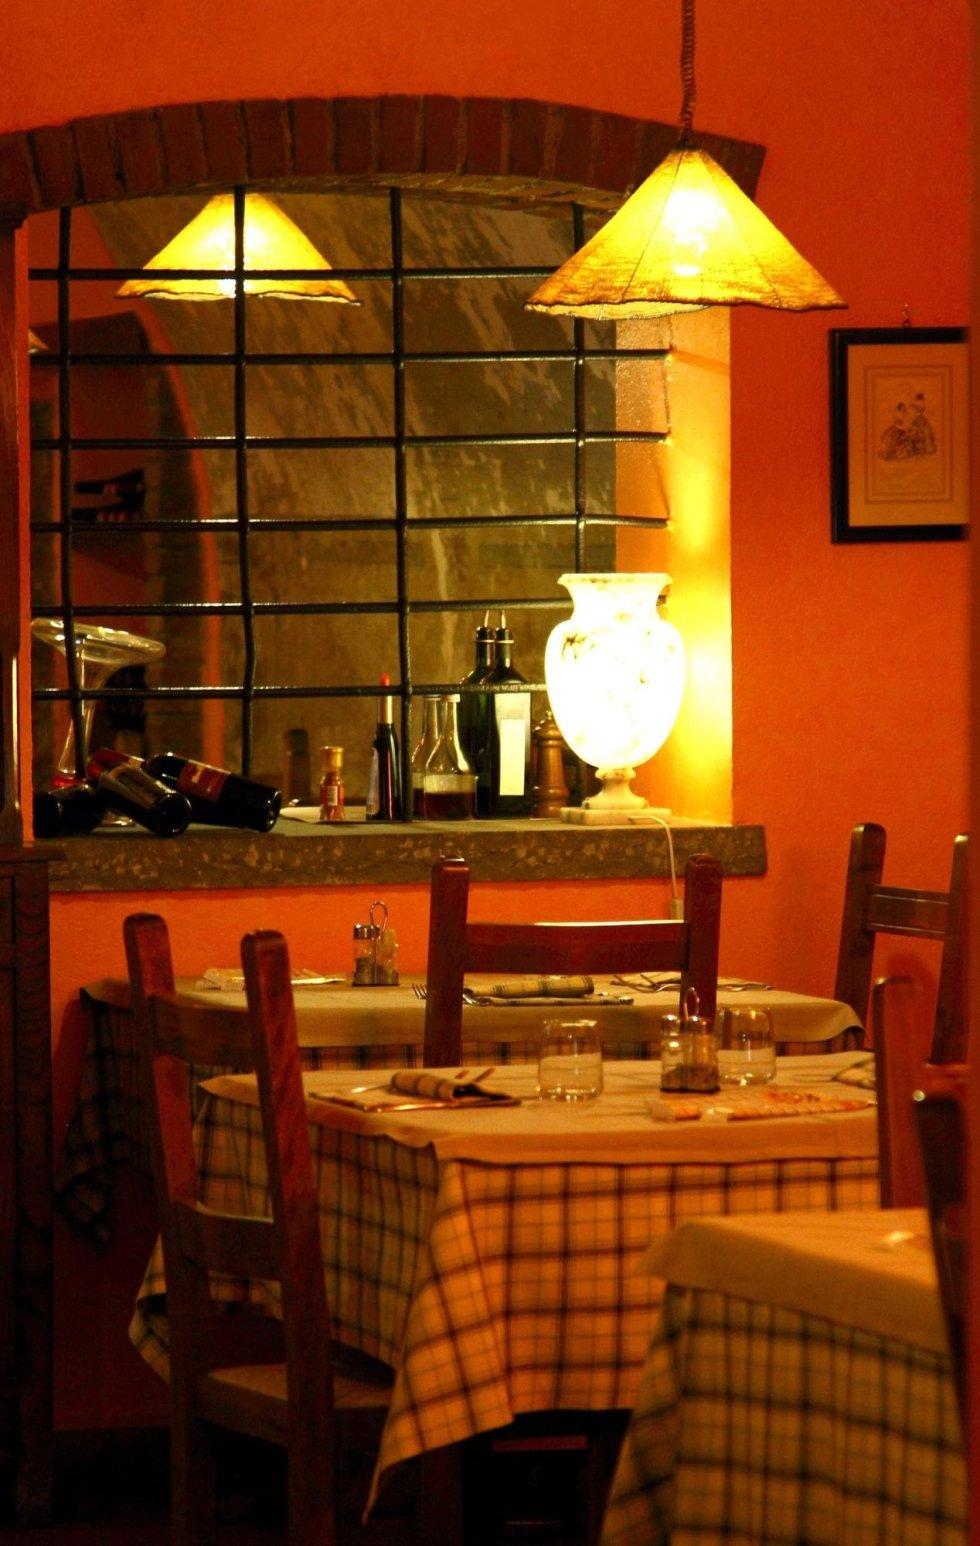 Ristorante Interno: i tavoli